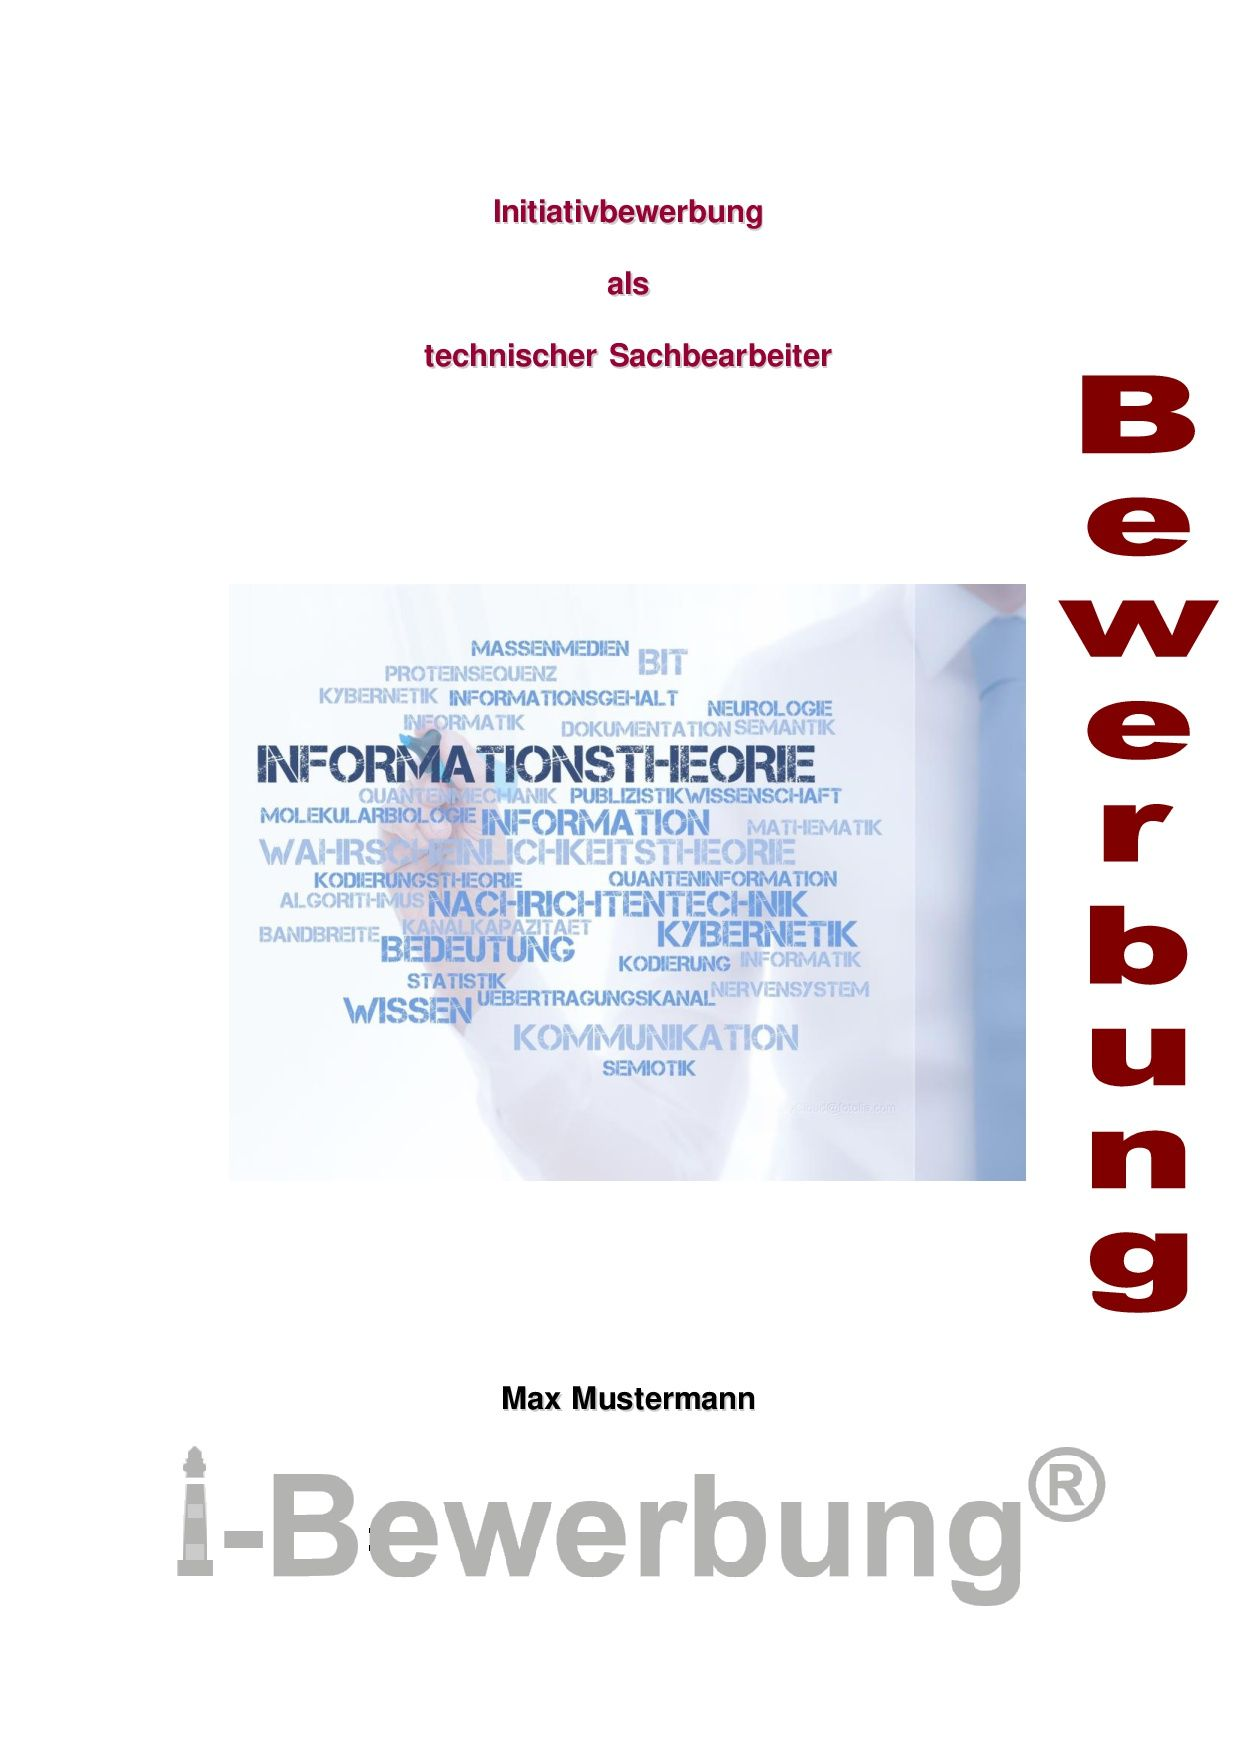 Deckblatt zur Initiativbewerbung als technischer Sachbearbeiter ...